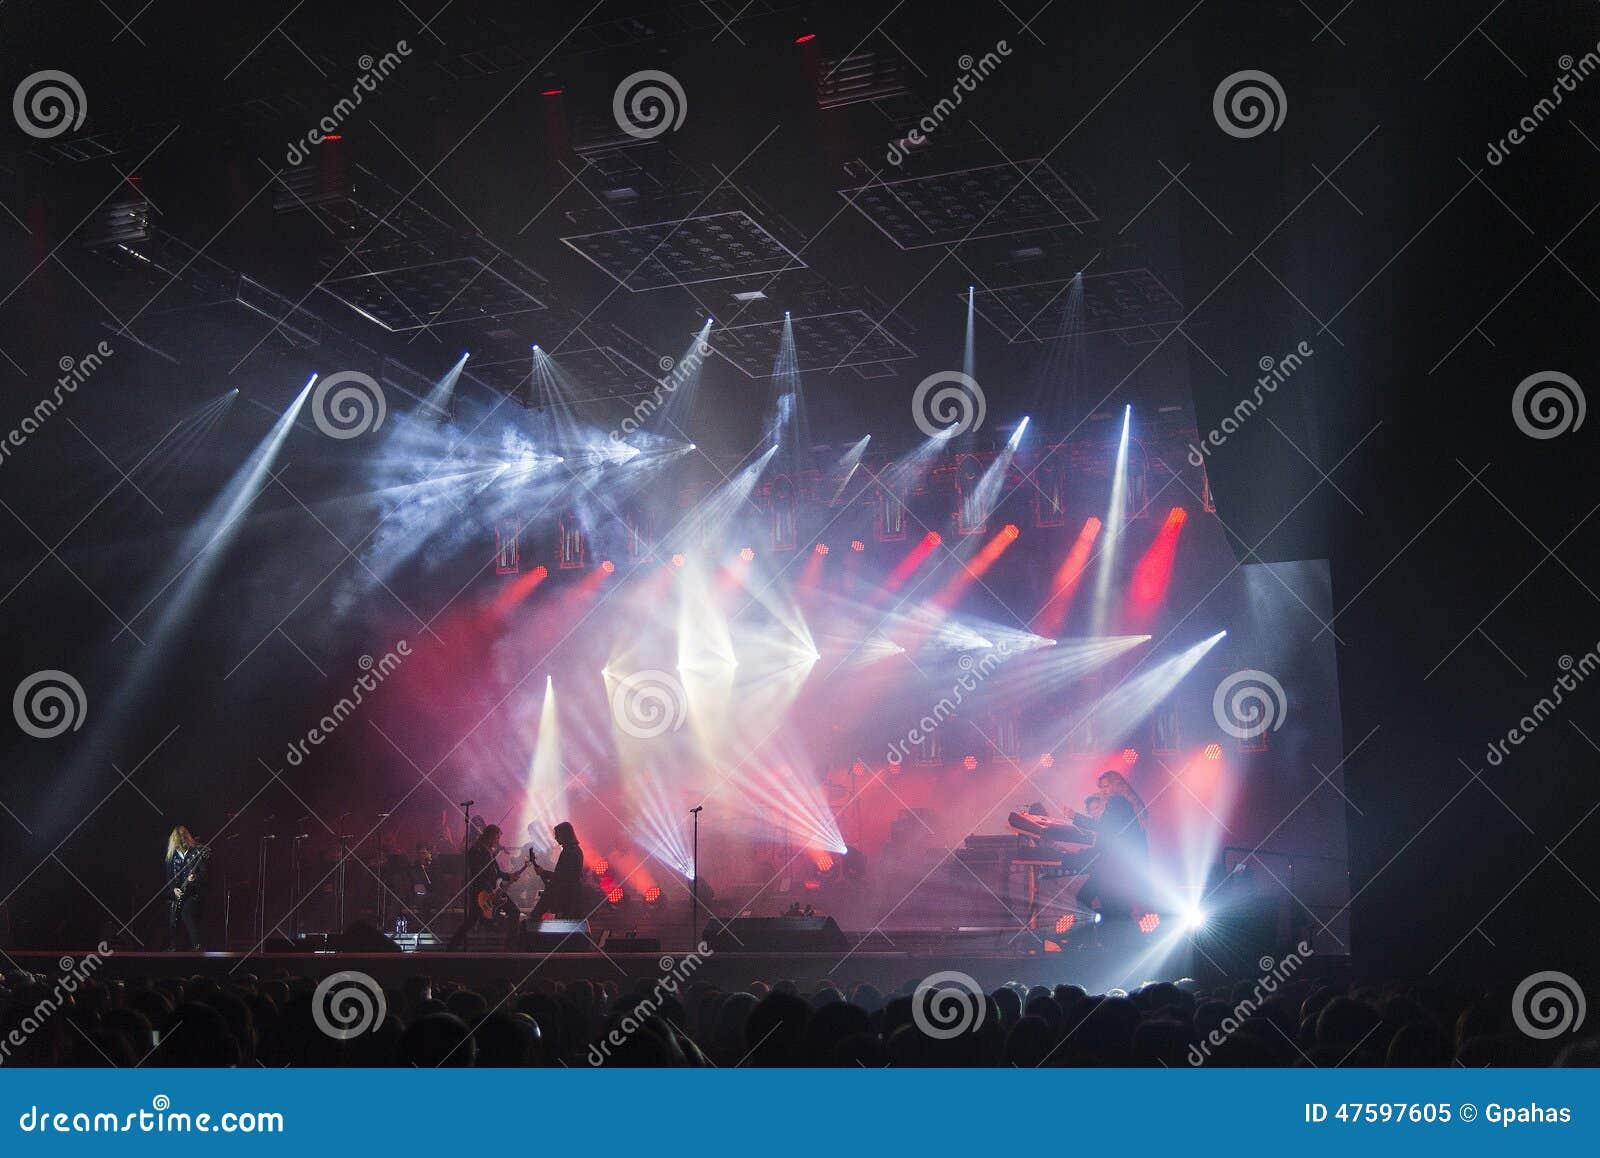 Concert hall kbh rikke trans